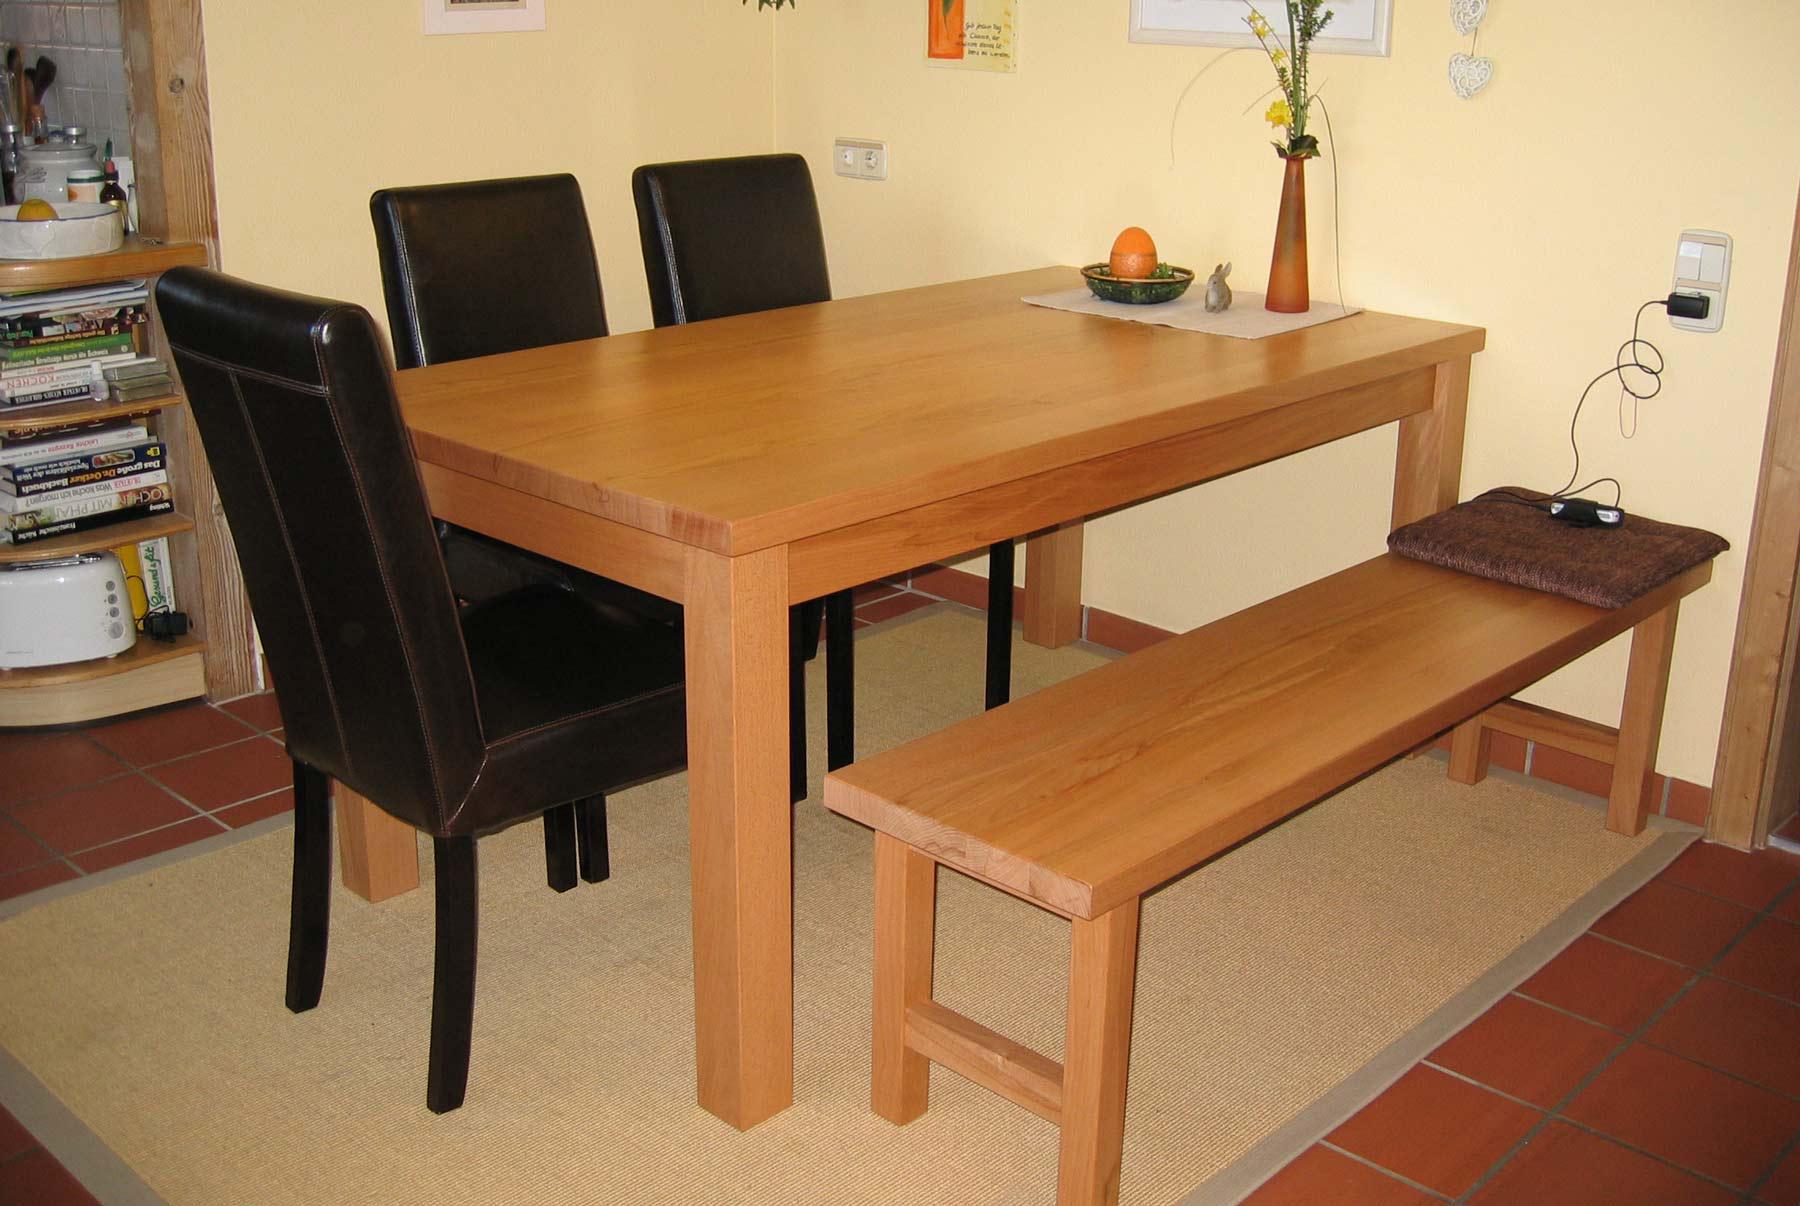 Tische aus Massivholz - Für das Esszimmer, das Büro oder einen anderen Einsatzzweck